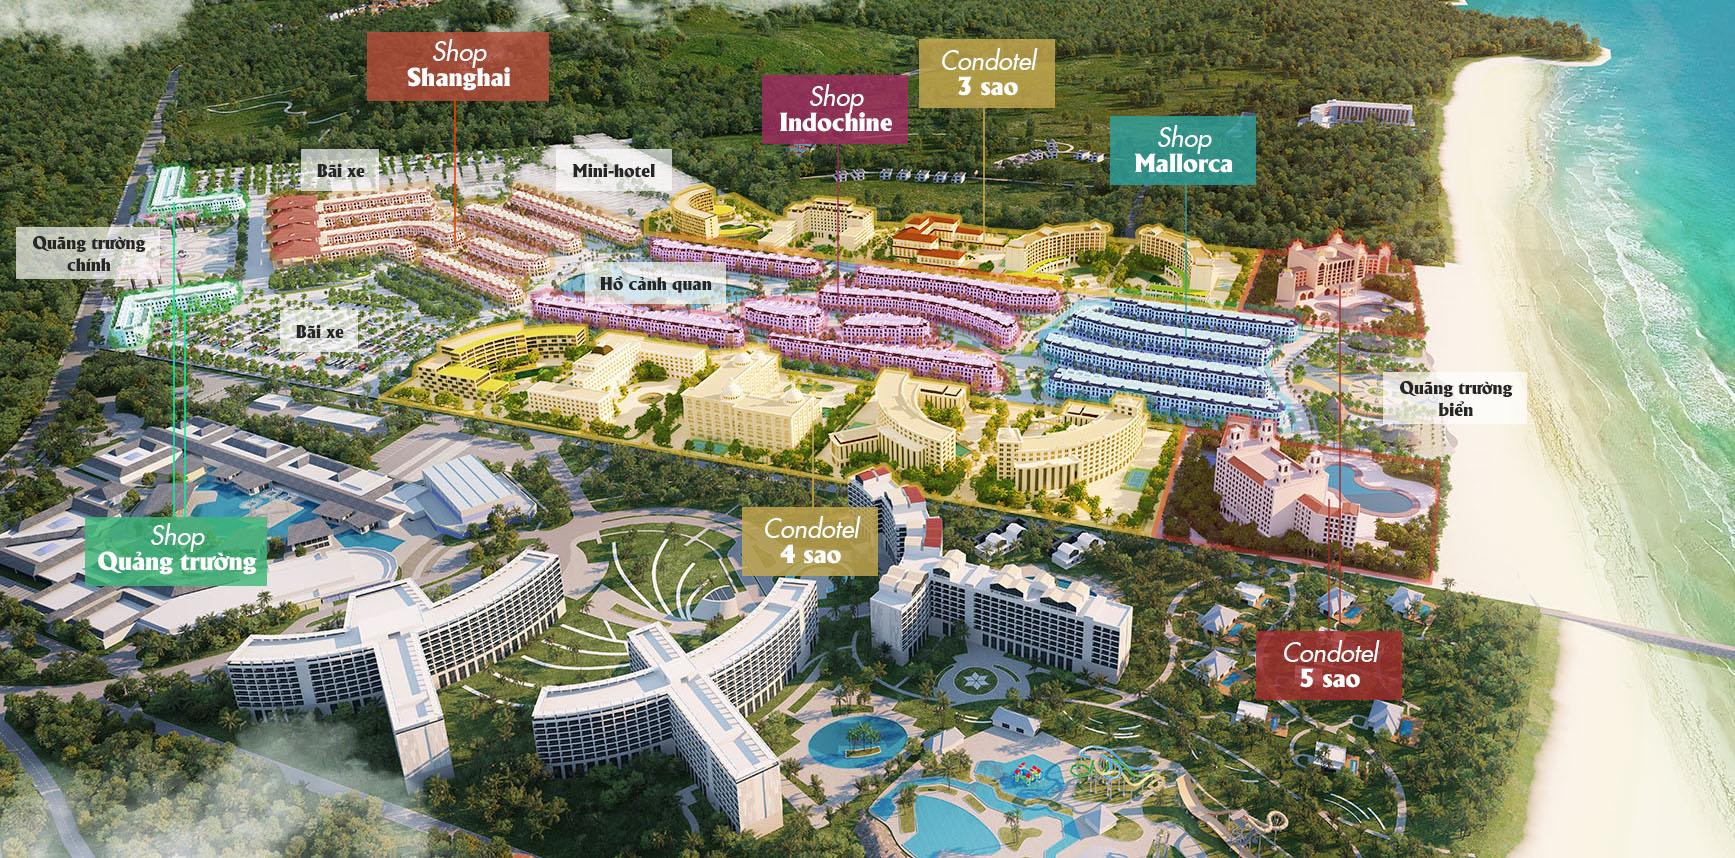 Phối cảnh tổ hợp BĐS nghỉ dưỡng - Vui chơi giải trí - Thương mại dịch vụ Grand World Phú Quốc